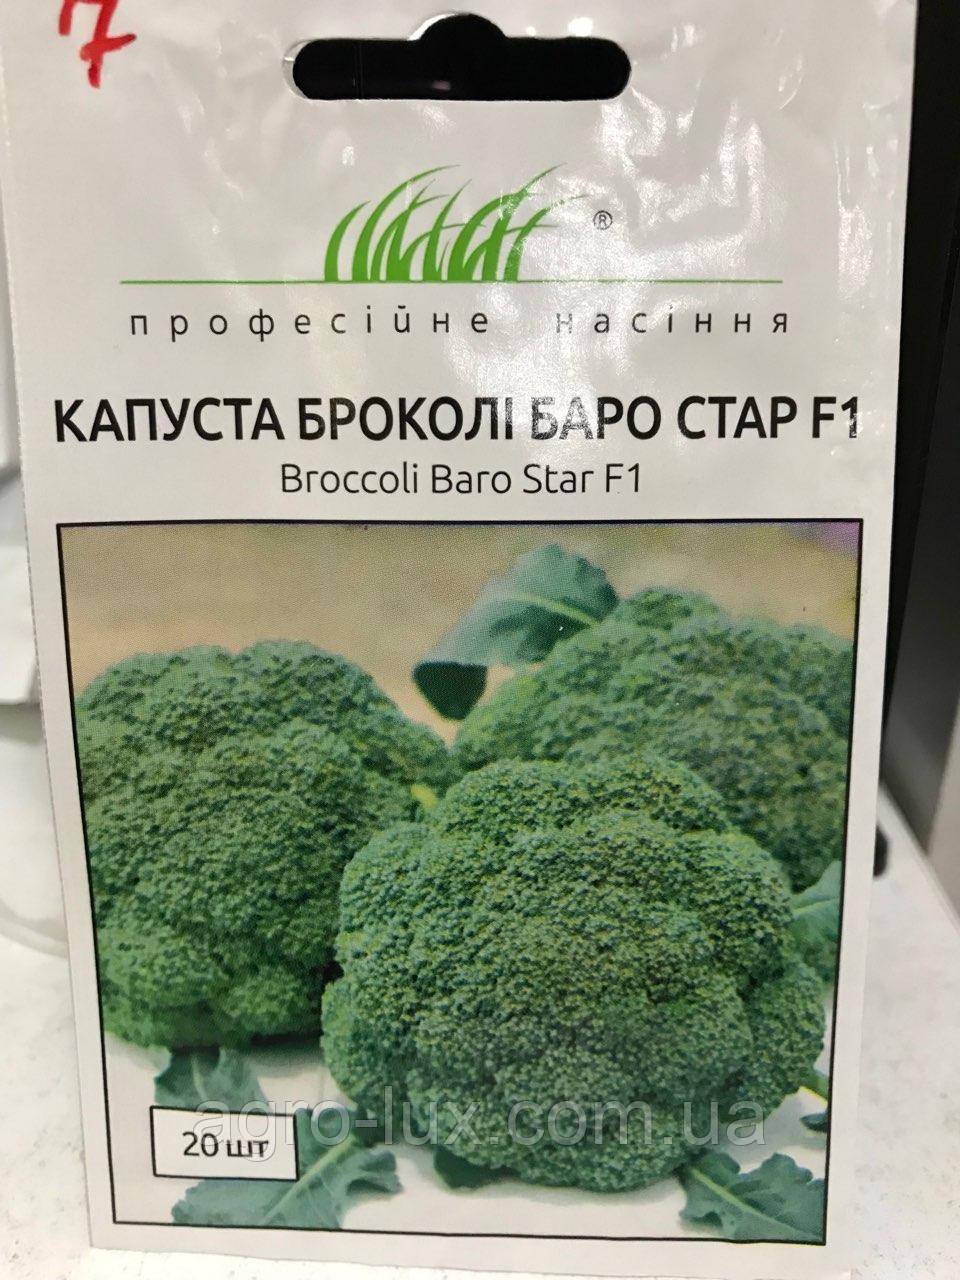 Семена капусты брокколи Баро Стар F1 20 шт